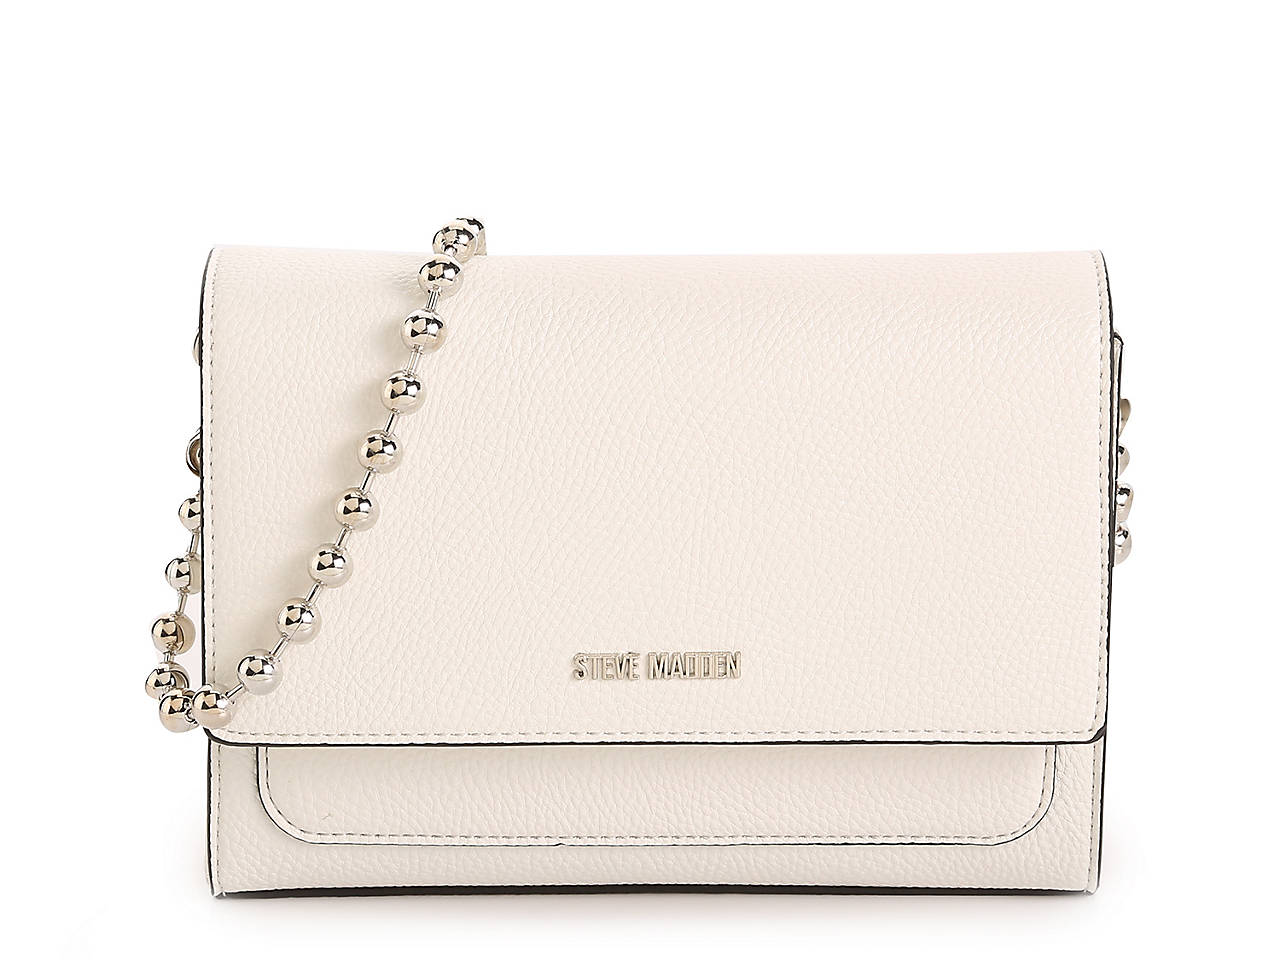 58316522a Steve Madden Bball Crossbody Bag Women's Handbags & Accessories | DSW